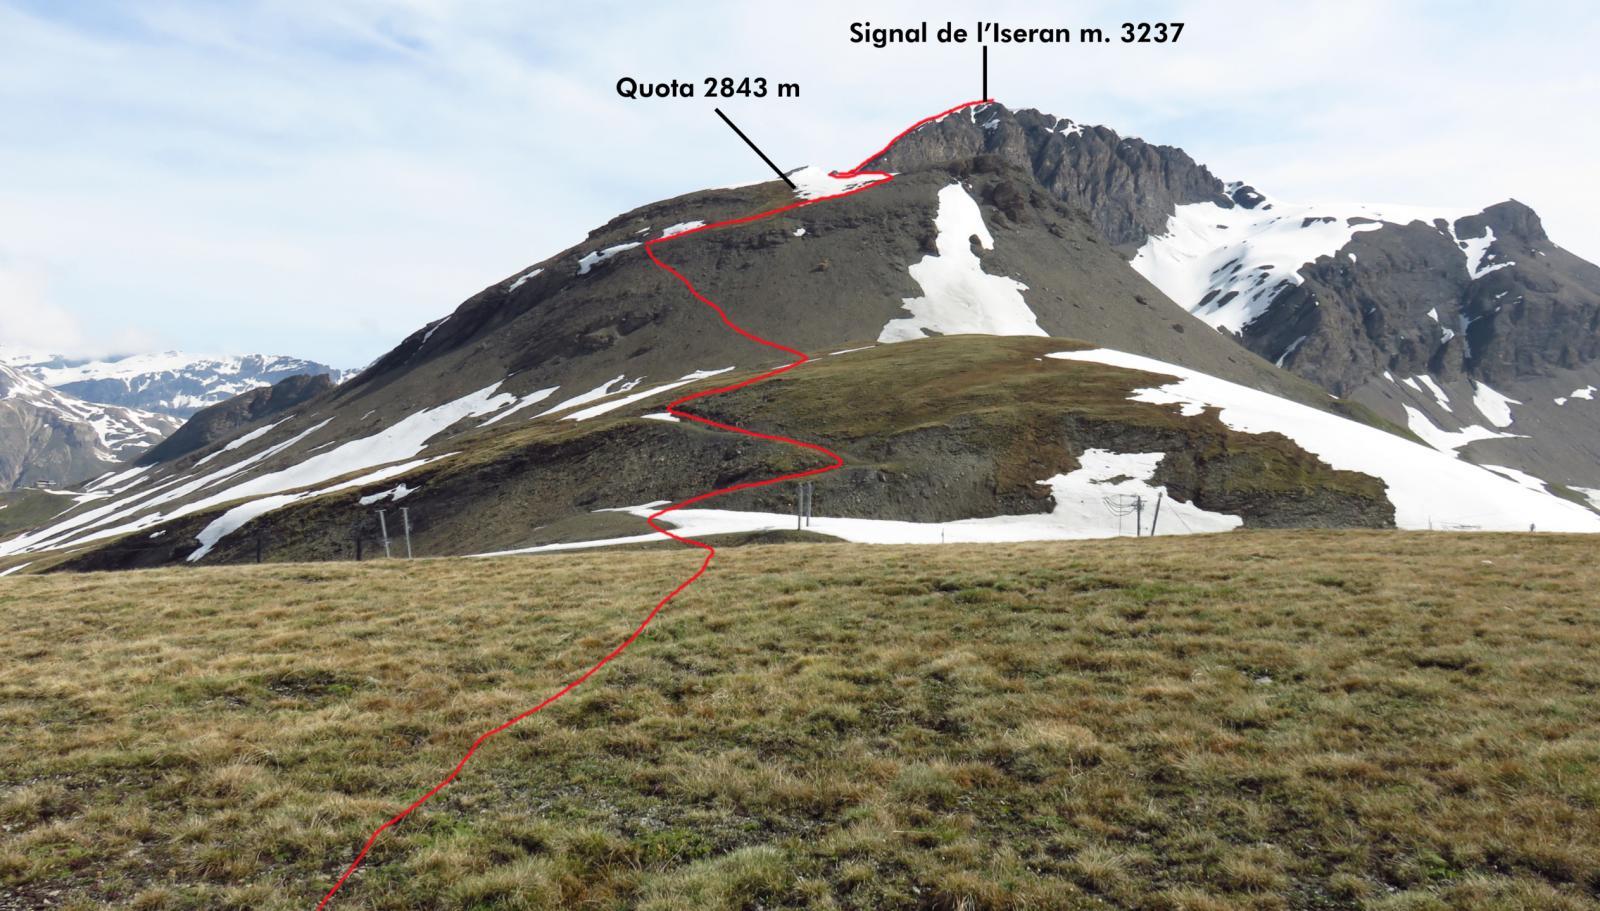 tracciato della via di salita visto dalla parte iniziale della dorsale SO della nostra montagna